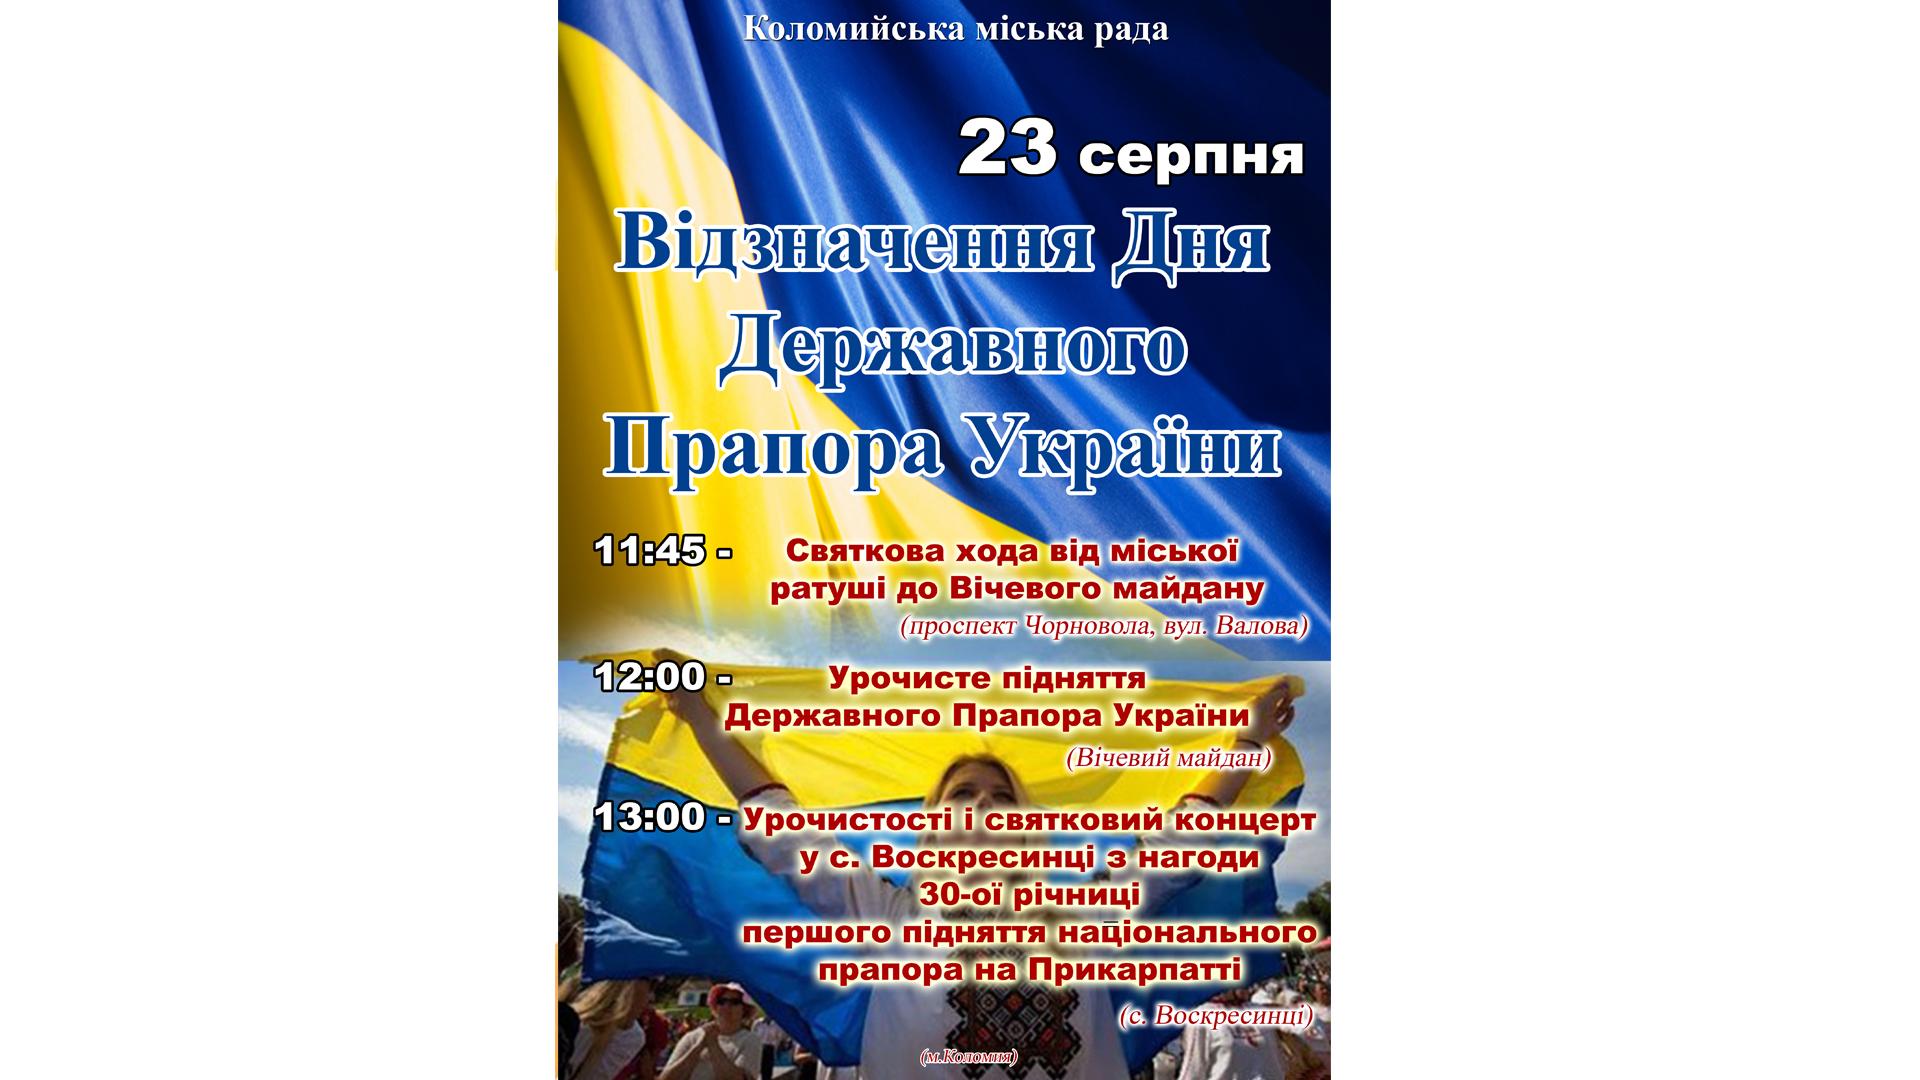 Як у Коломиї відсвяткують День Державного Прапора України